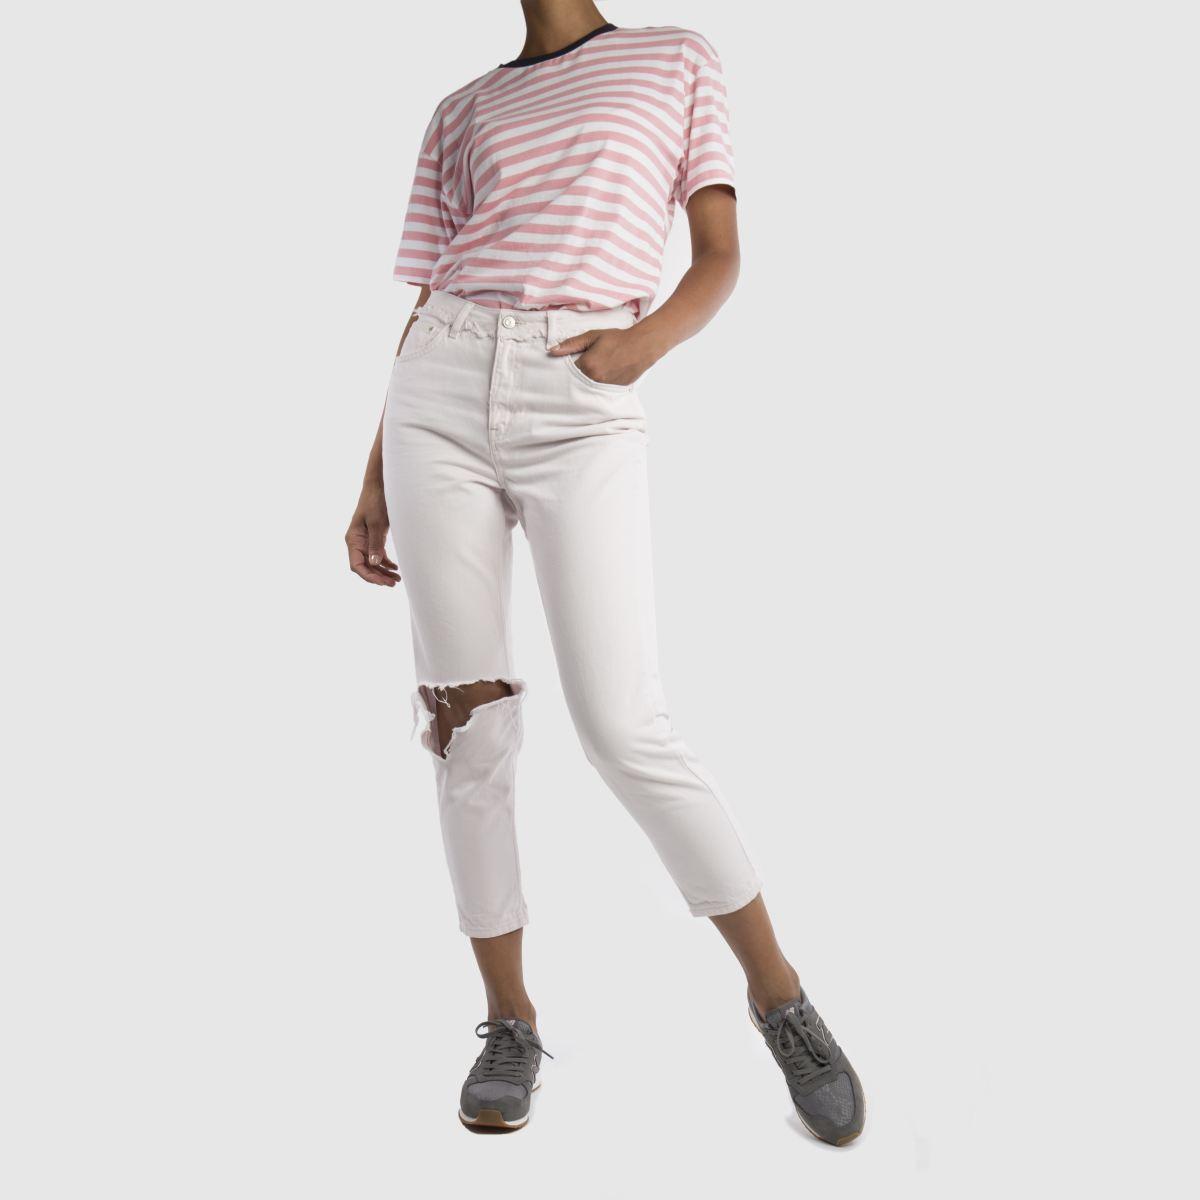 Damen Grau new balance 420 V1 Print Sneaker | schuh Gute Qualität beliebte Schuhe